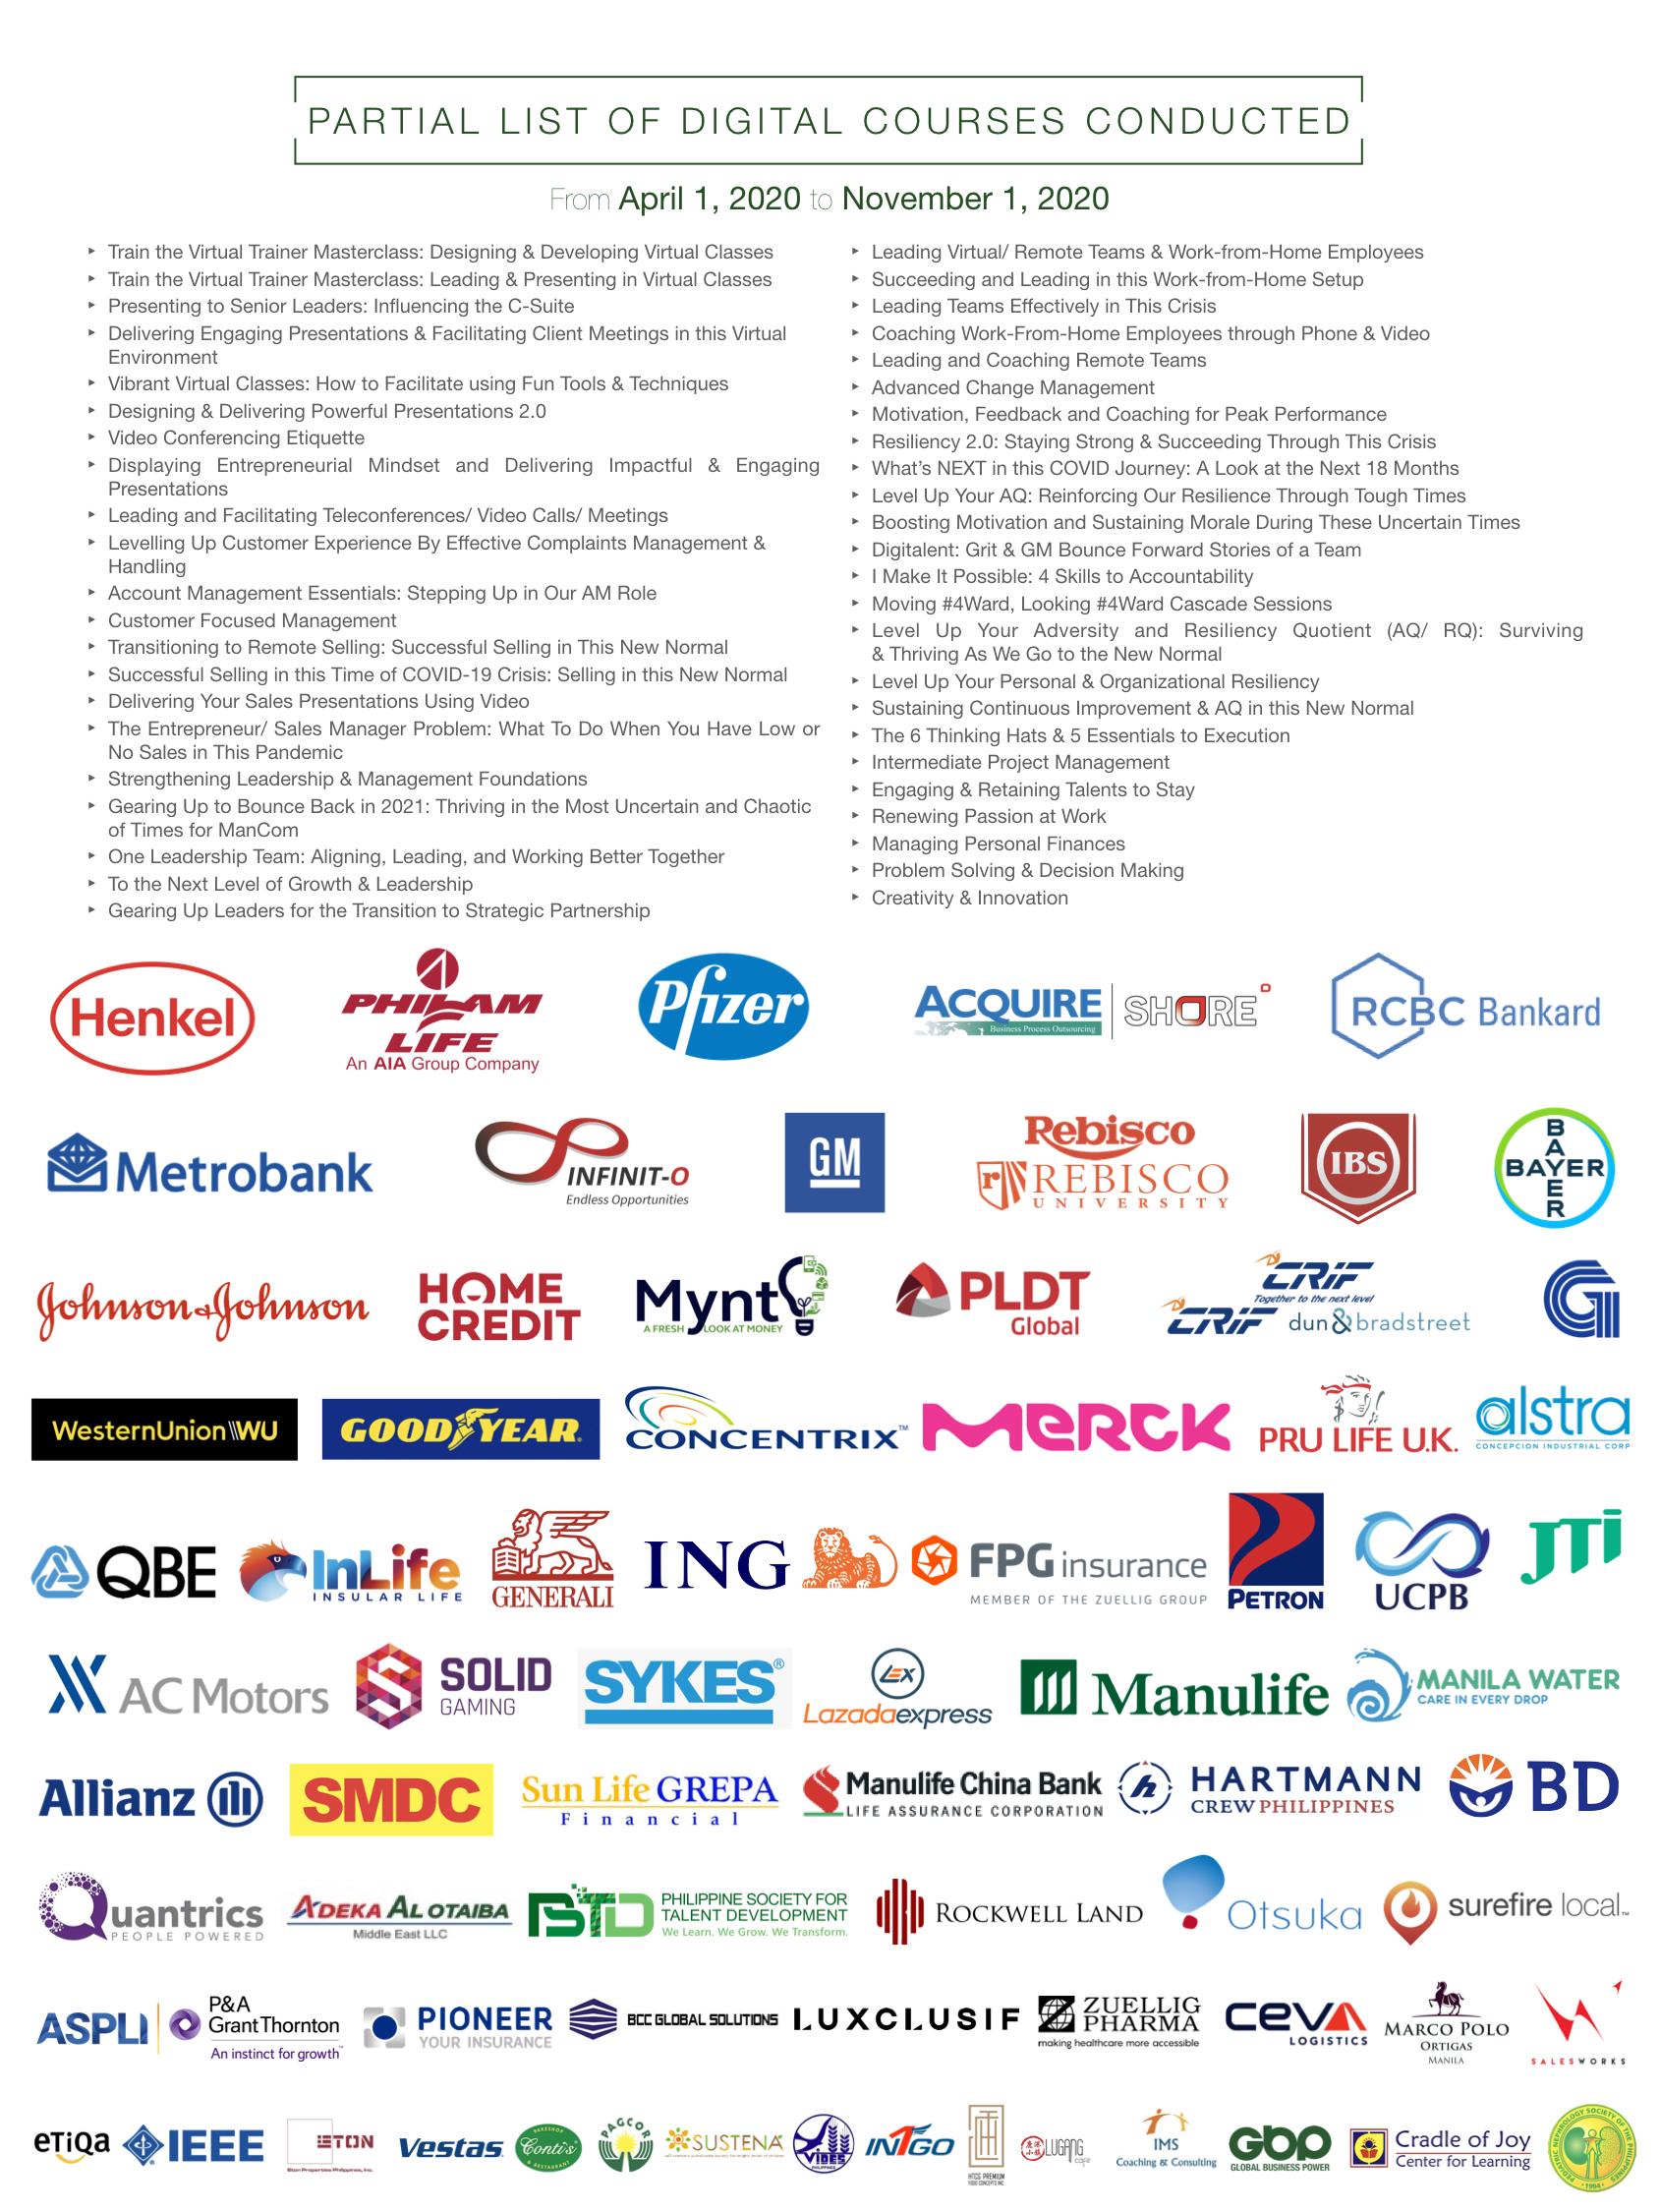 LJMB Partial List of Clients